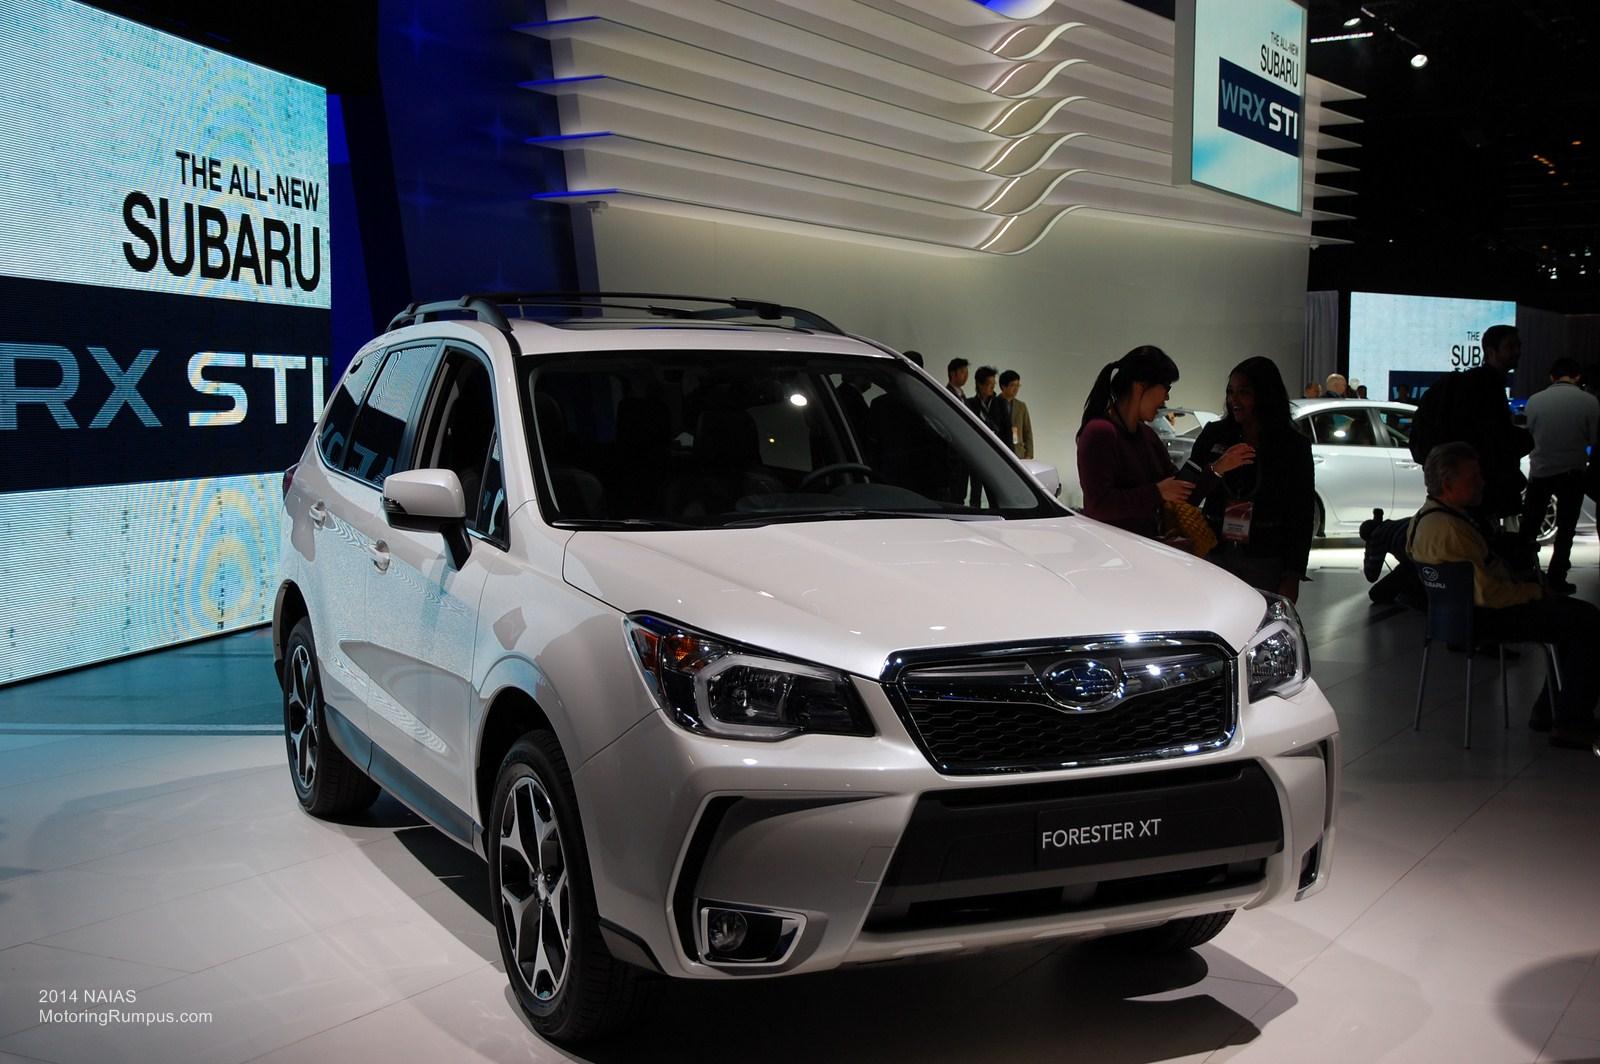 2015 Subaru Forester XT